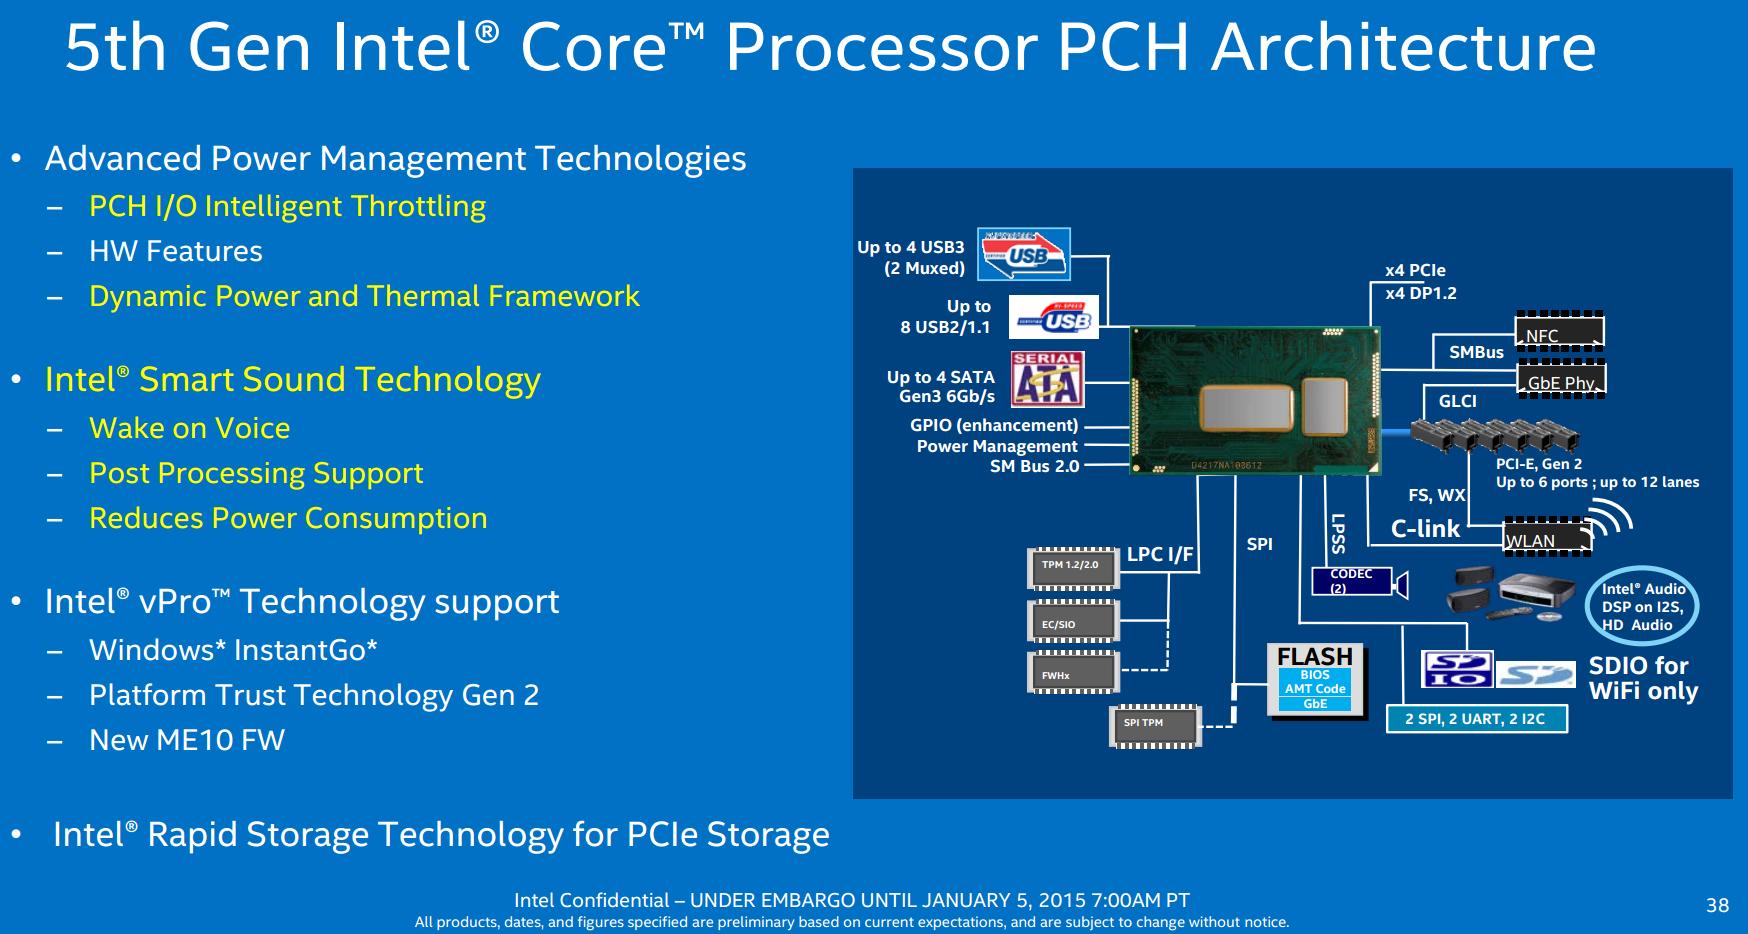 Broadwell-U: On Performance - Intel Releases Broadwell-U: New SKUs